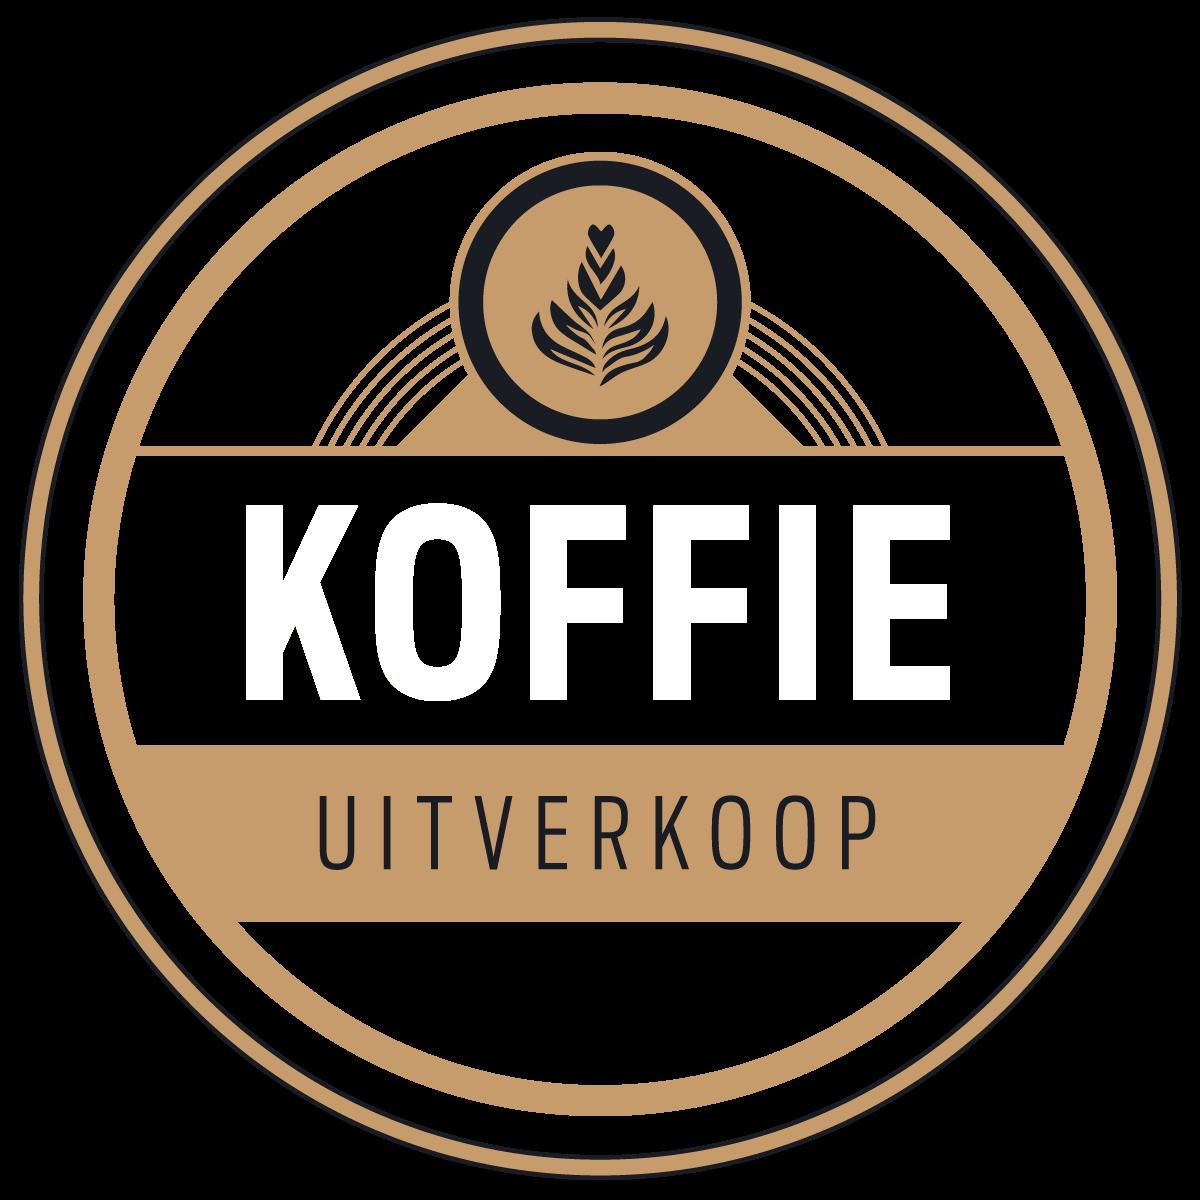 Koffie Uitverkoop badge